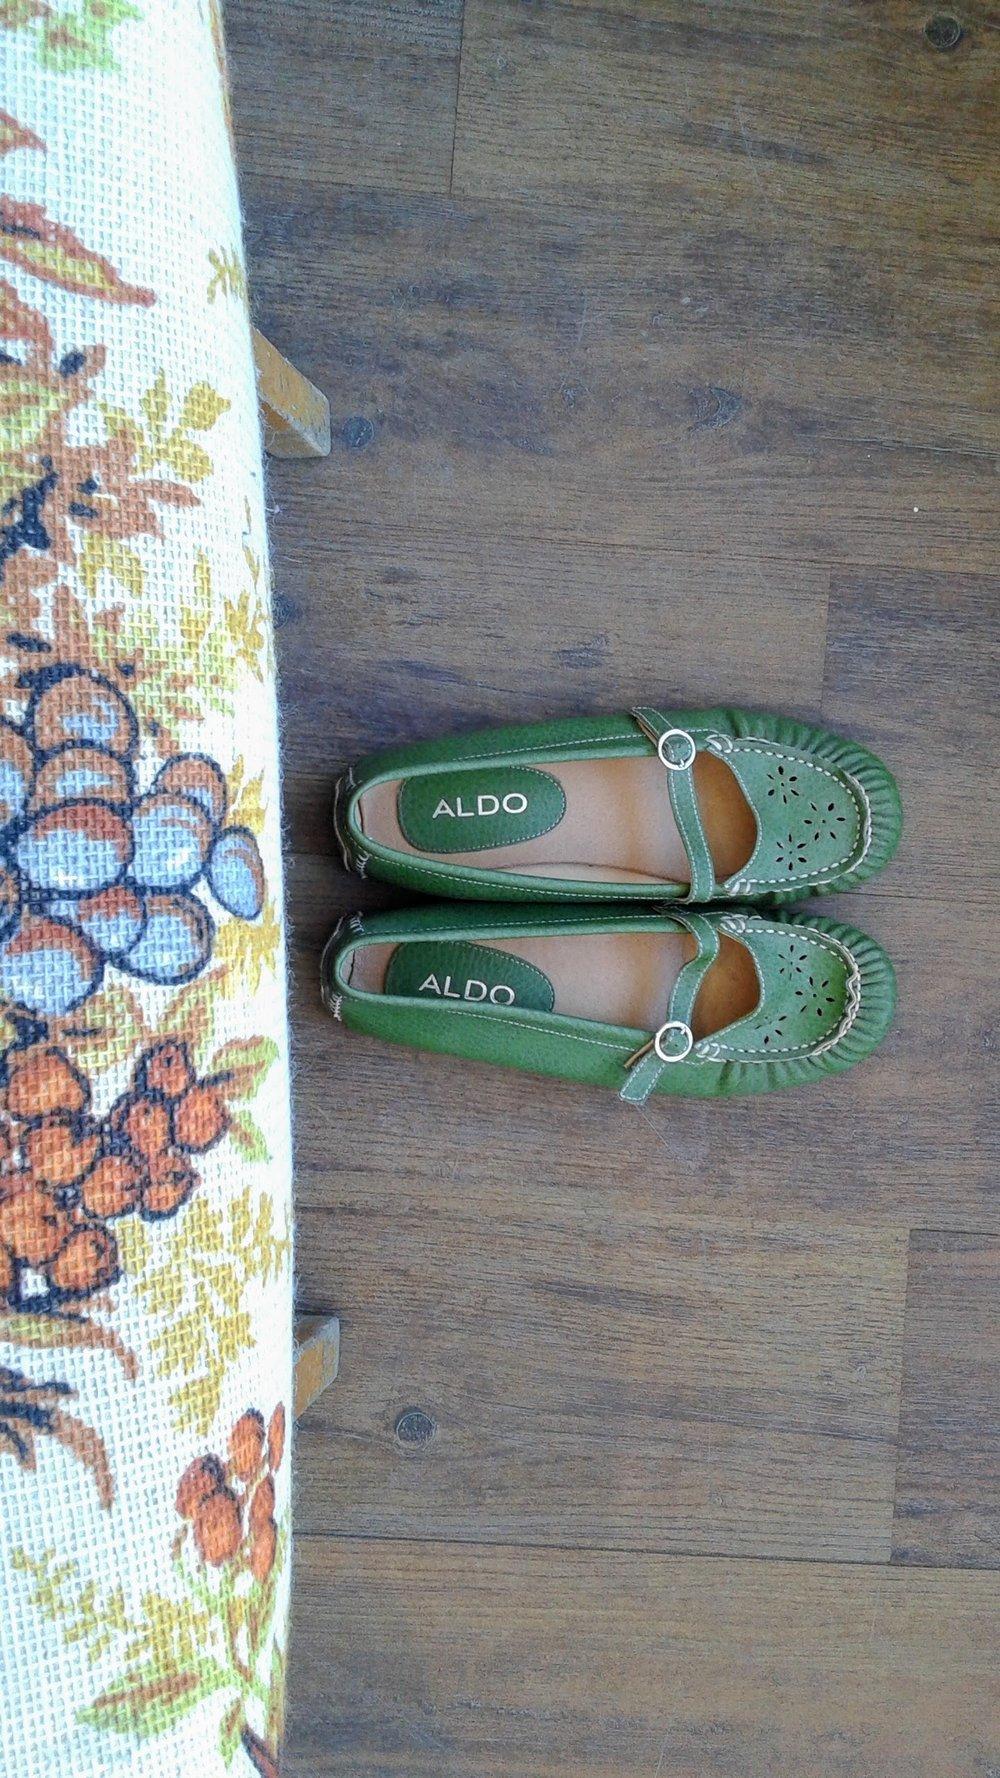 Aldo shoes; S7.5, $20